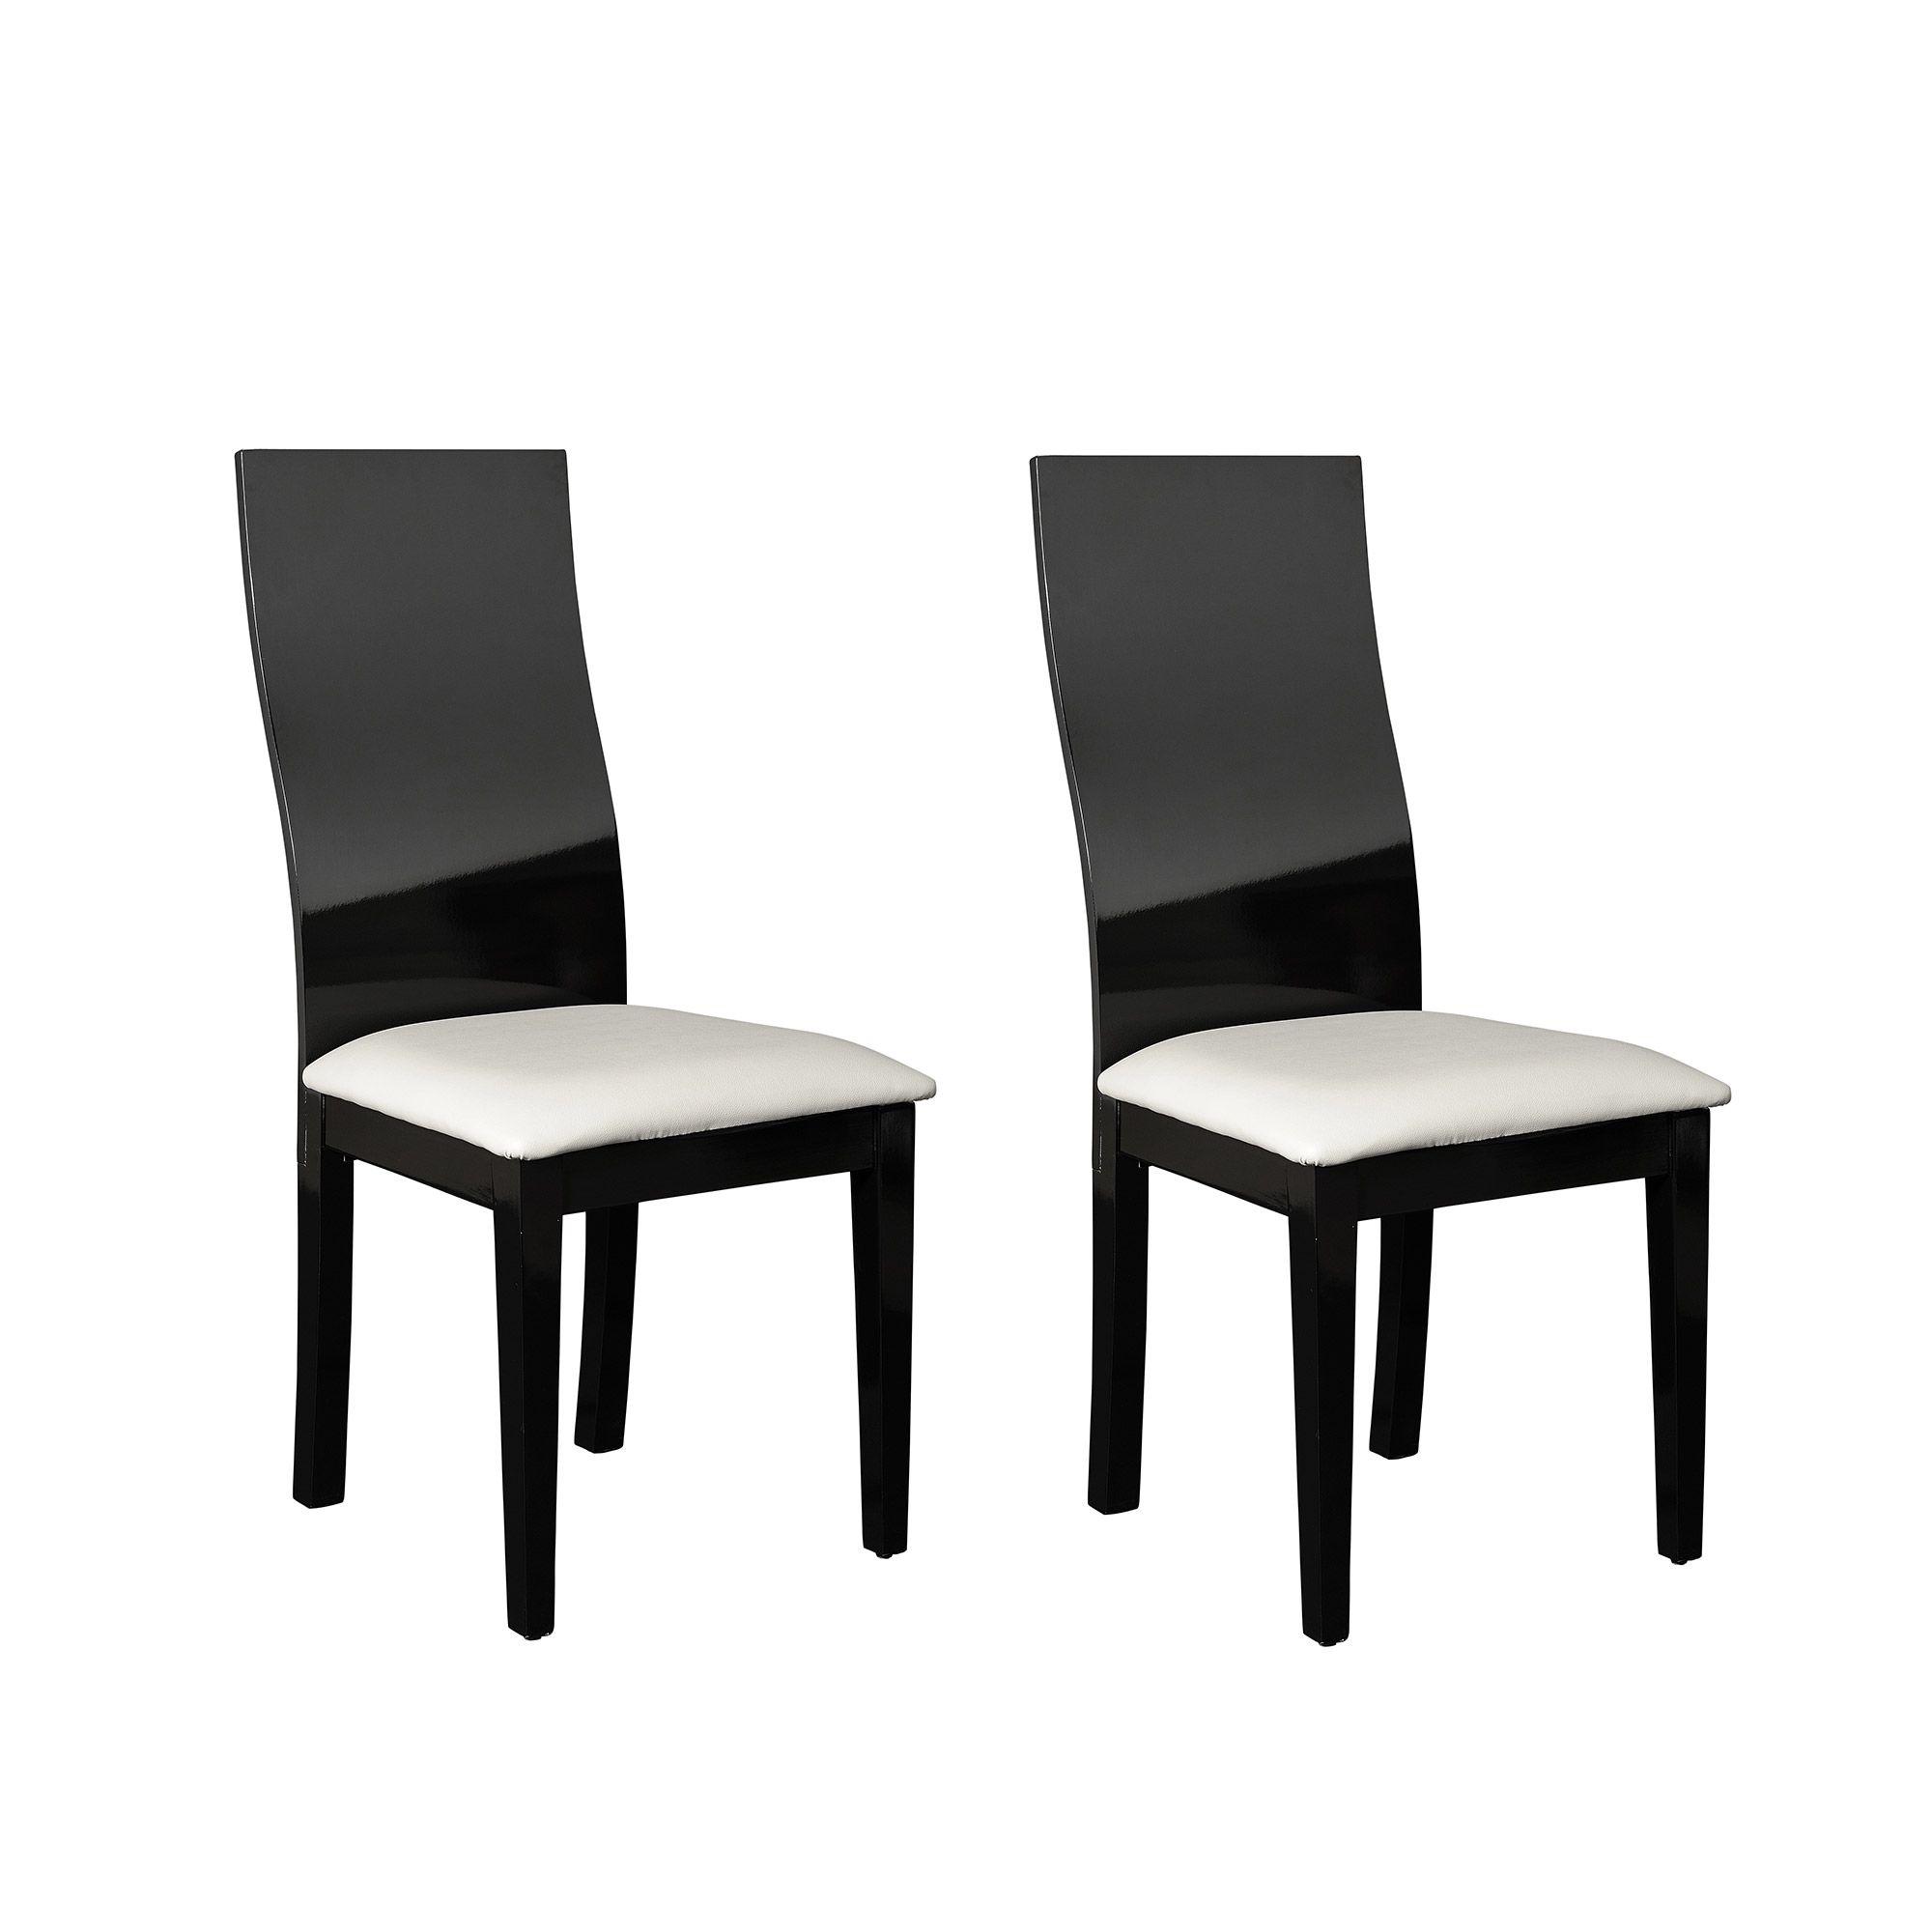 tourdissant chaise de salle a manger noir et blanc - Chaise En Bois Salle A Manger